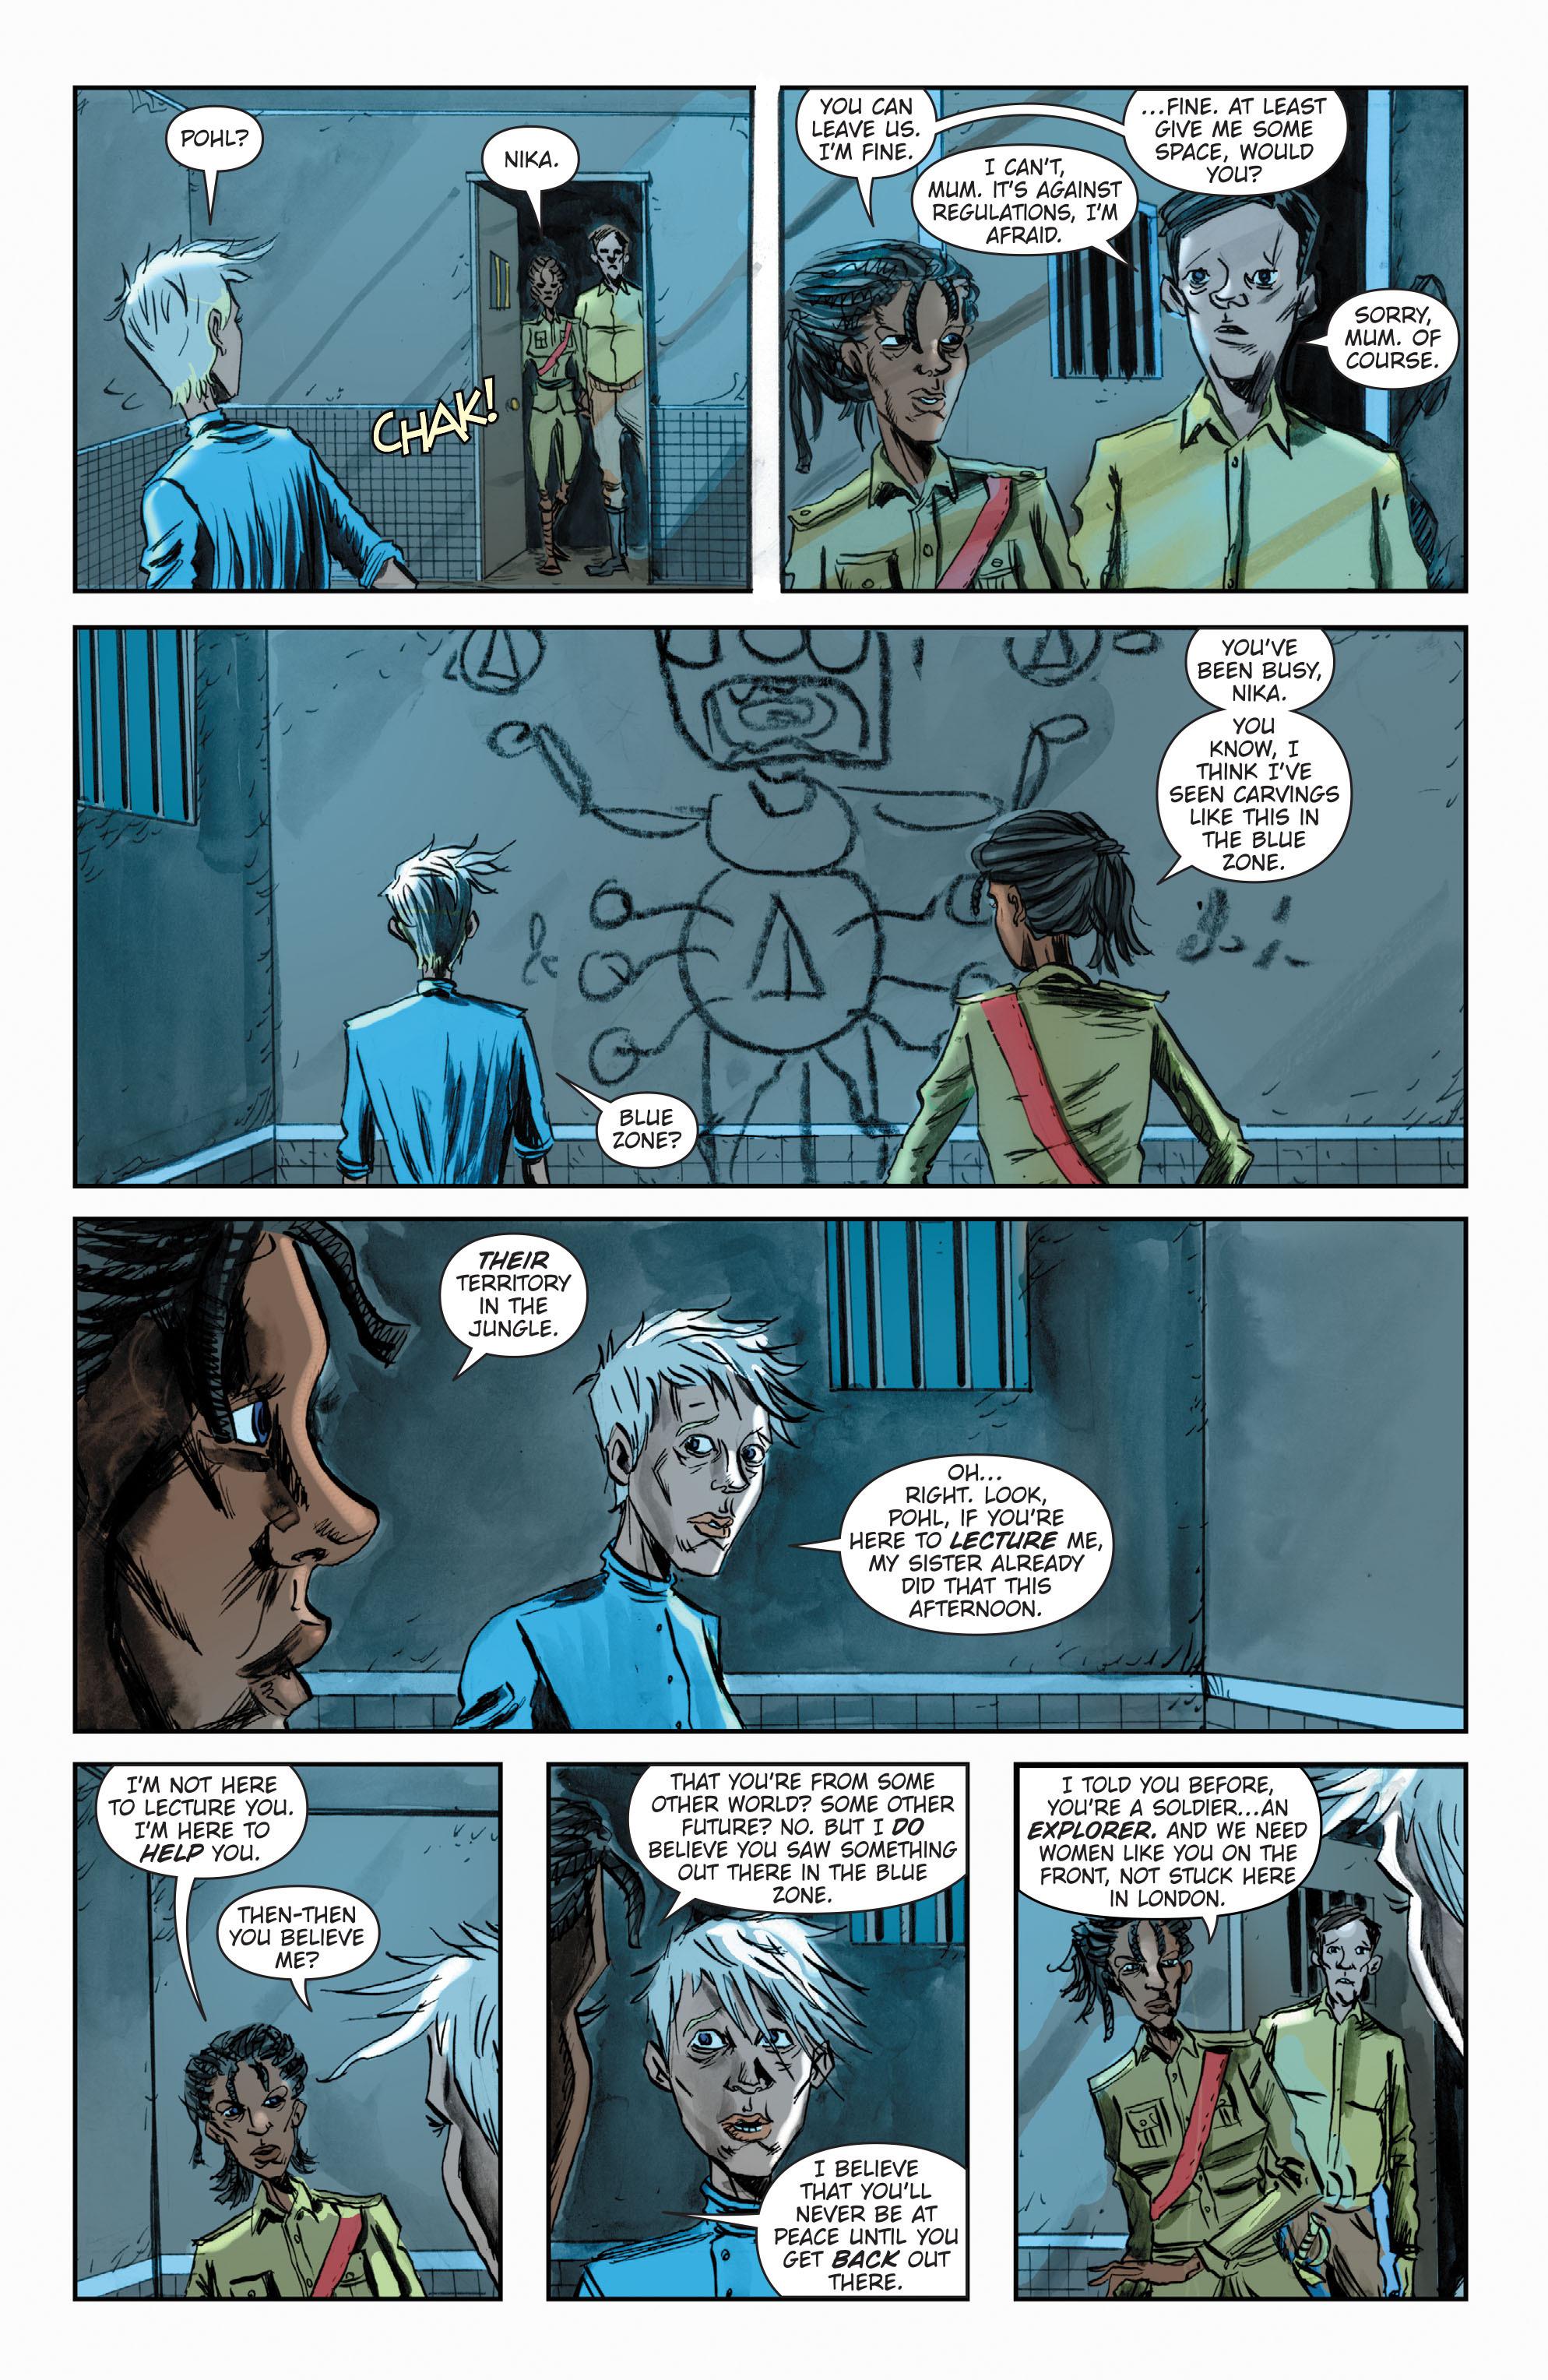 Read online Trillium comic -  Issue # TPB - 150